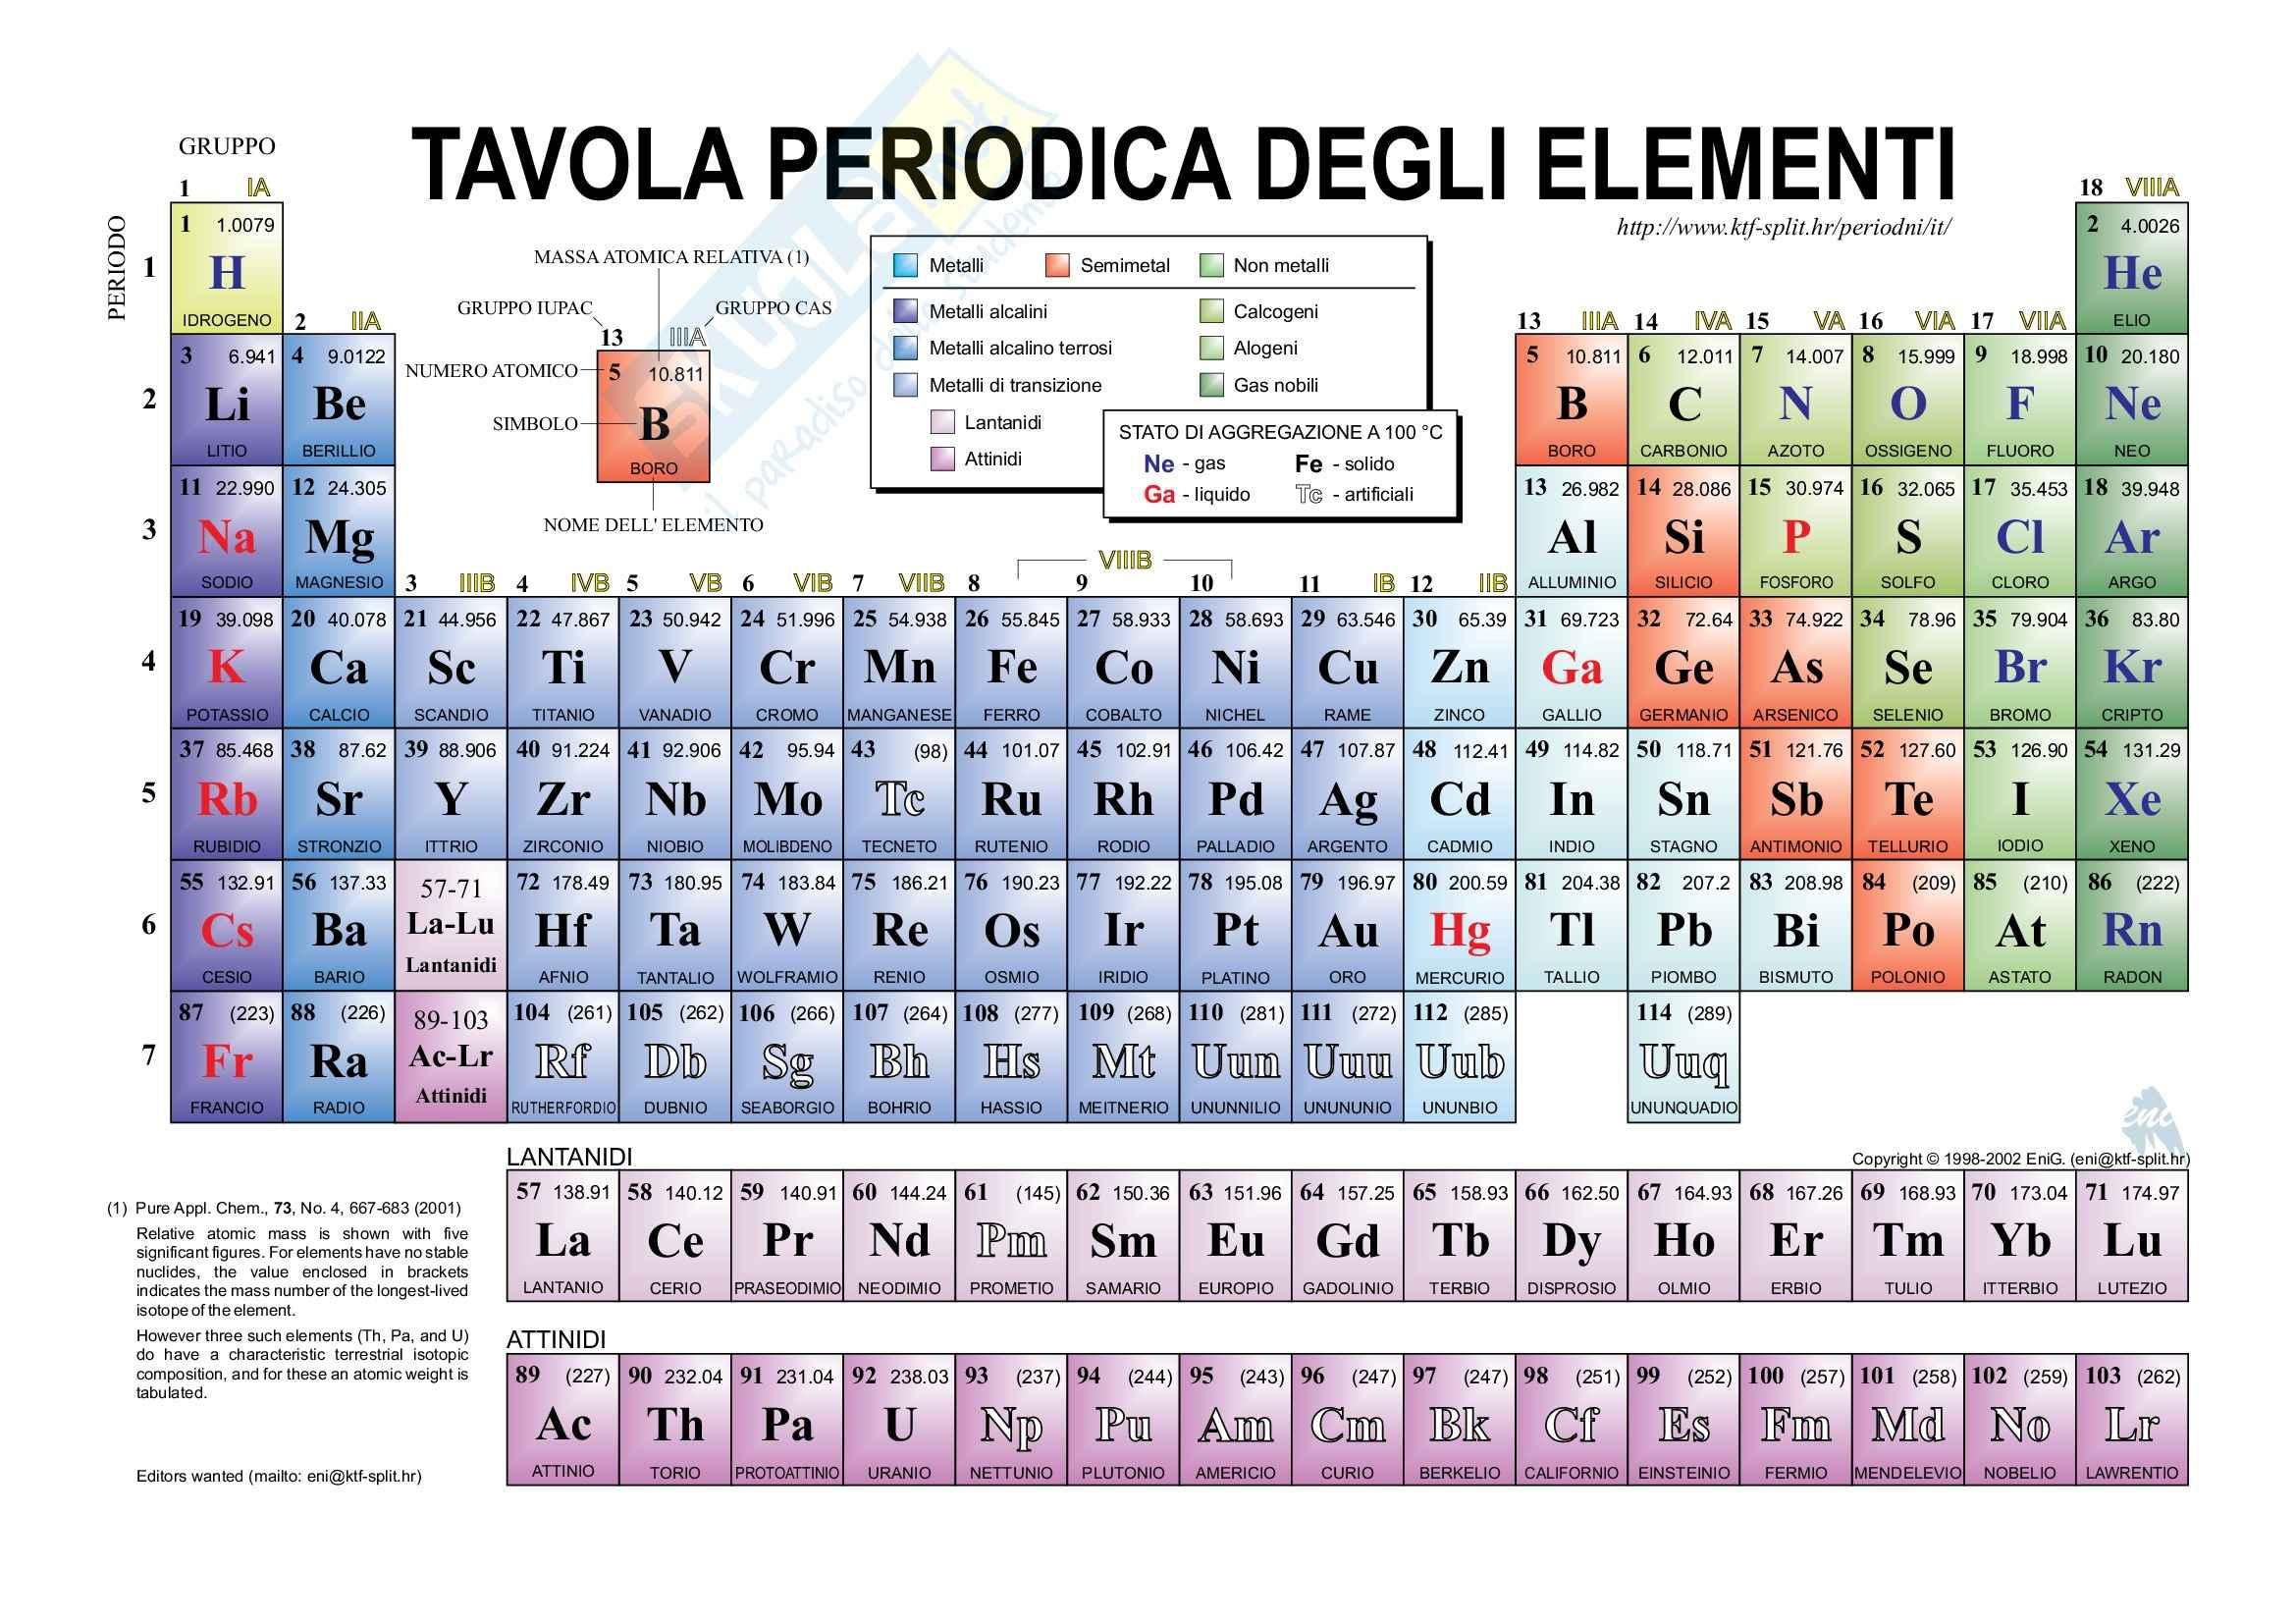 Chimica generale la tavola periodica degli elementi - Tavola periodica di mendeleev ...